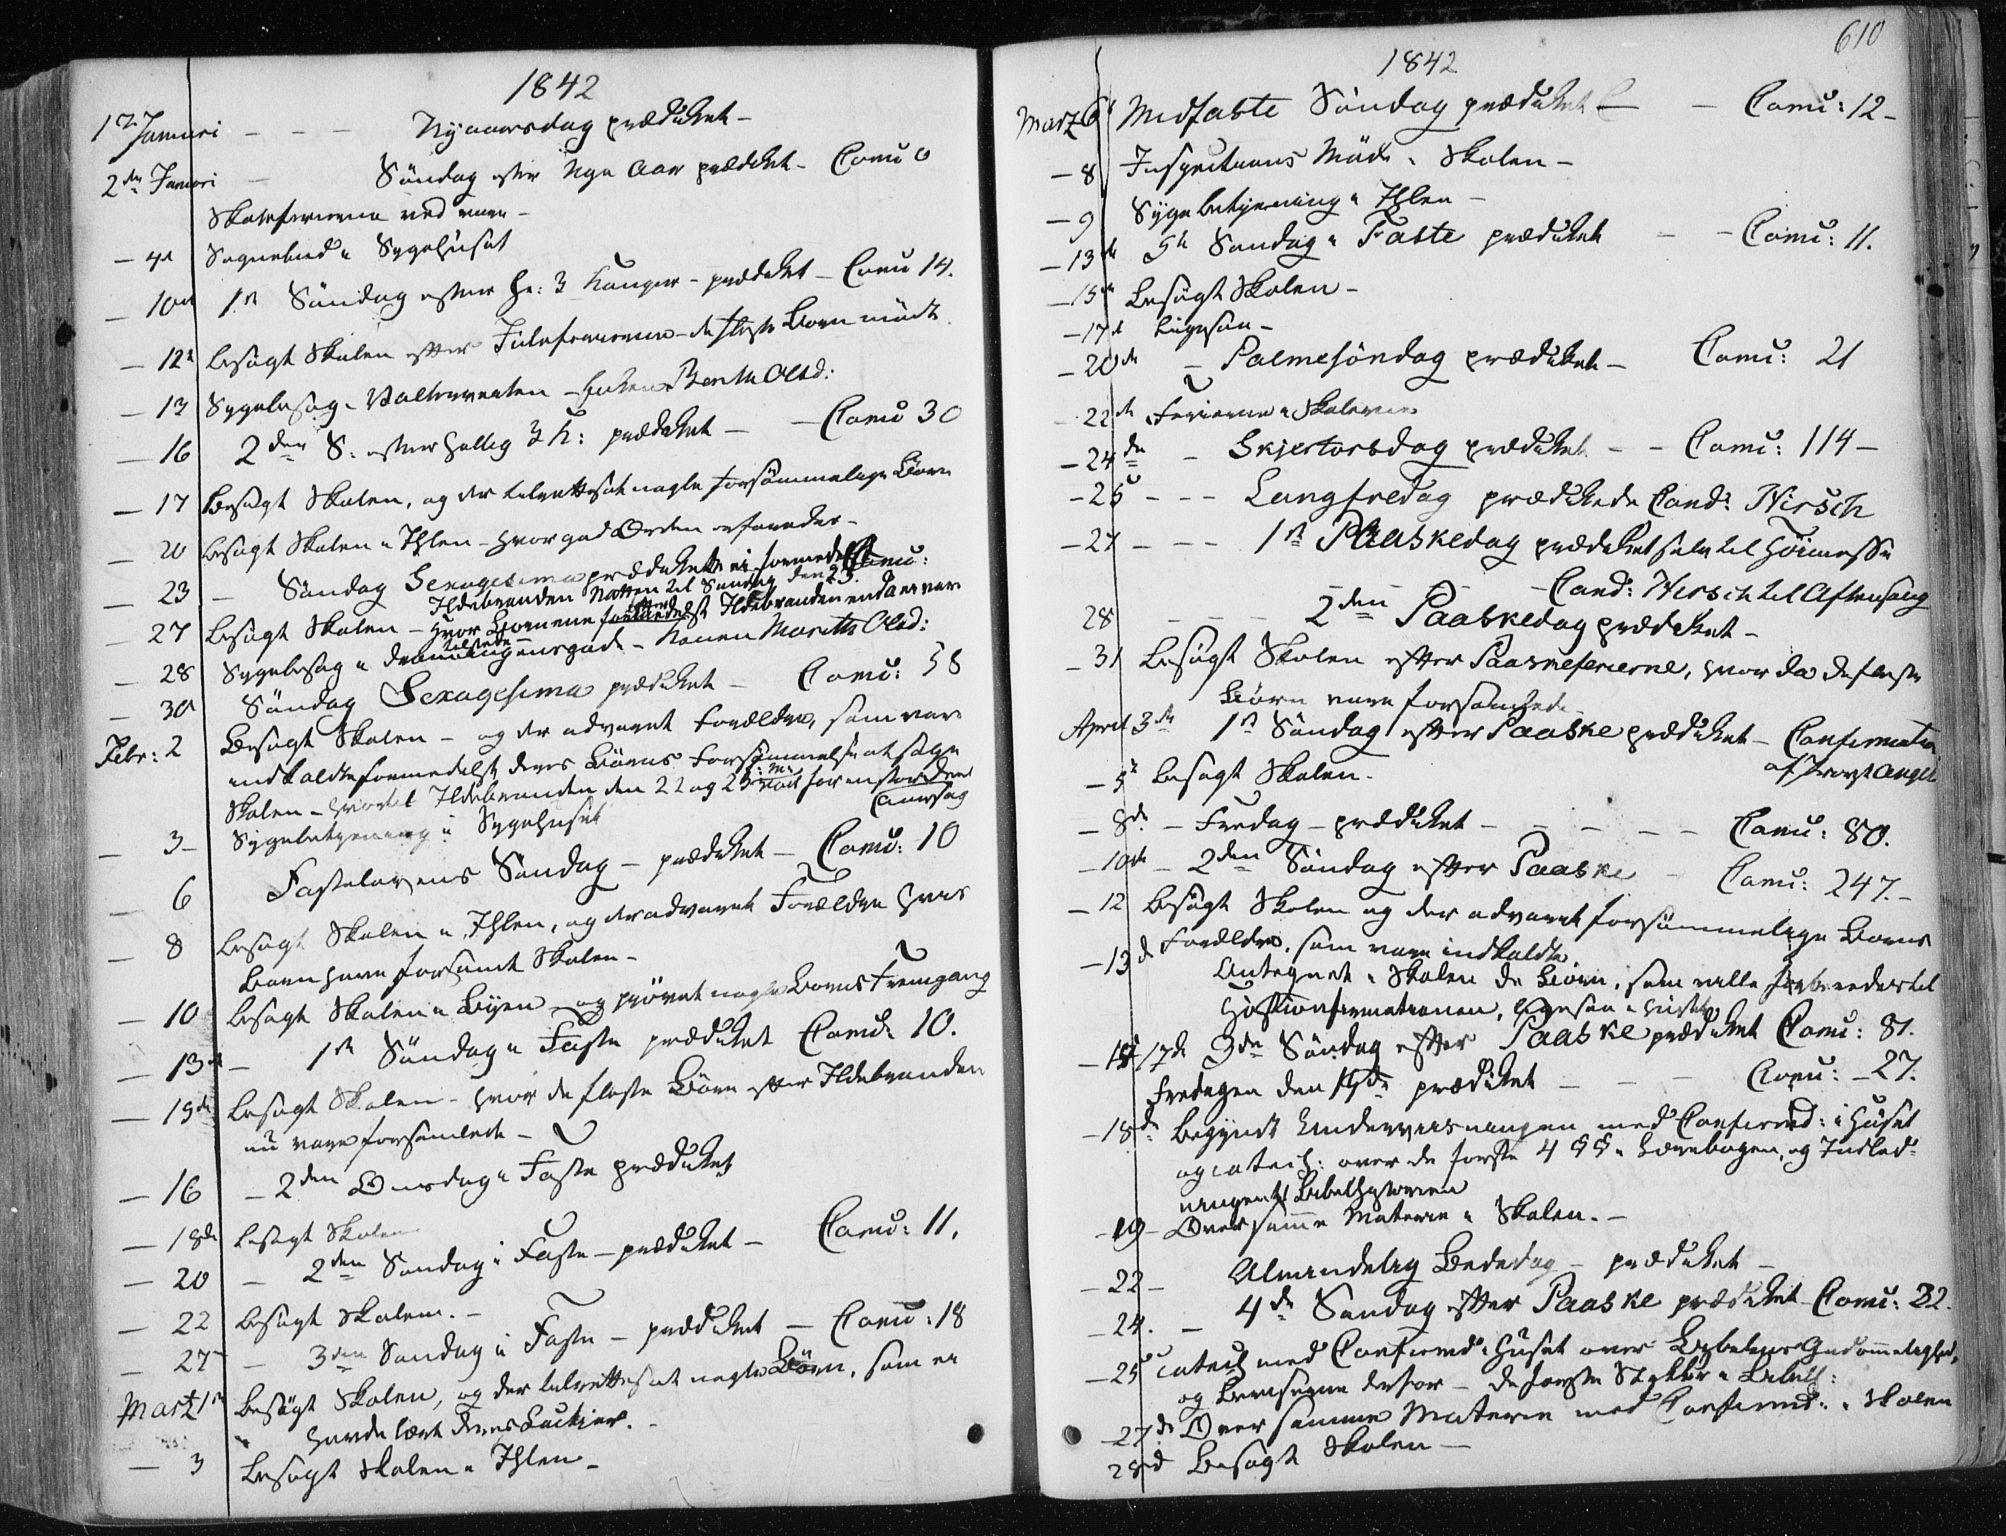 SAT, Ministerialprotokoller, klokkerbøker og fødselsregistre - Sør-Trøndelag, 601/L0049: Ministerialbok nr. 601A17, 1839-1847, s. 610